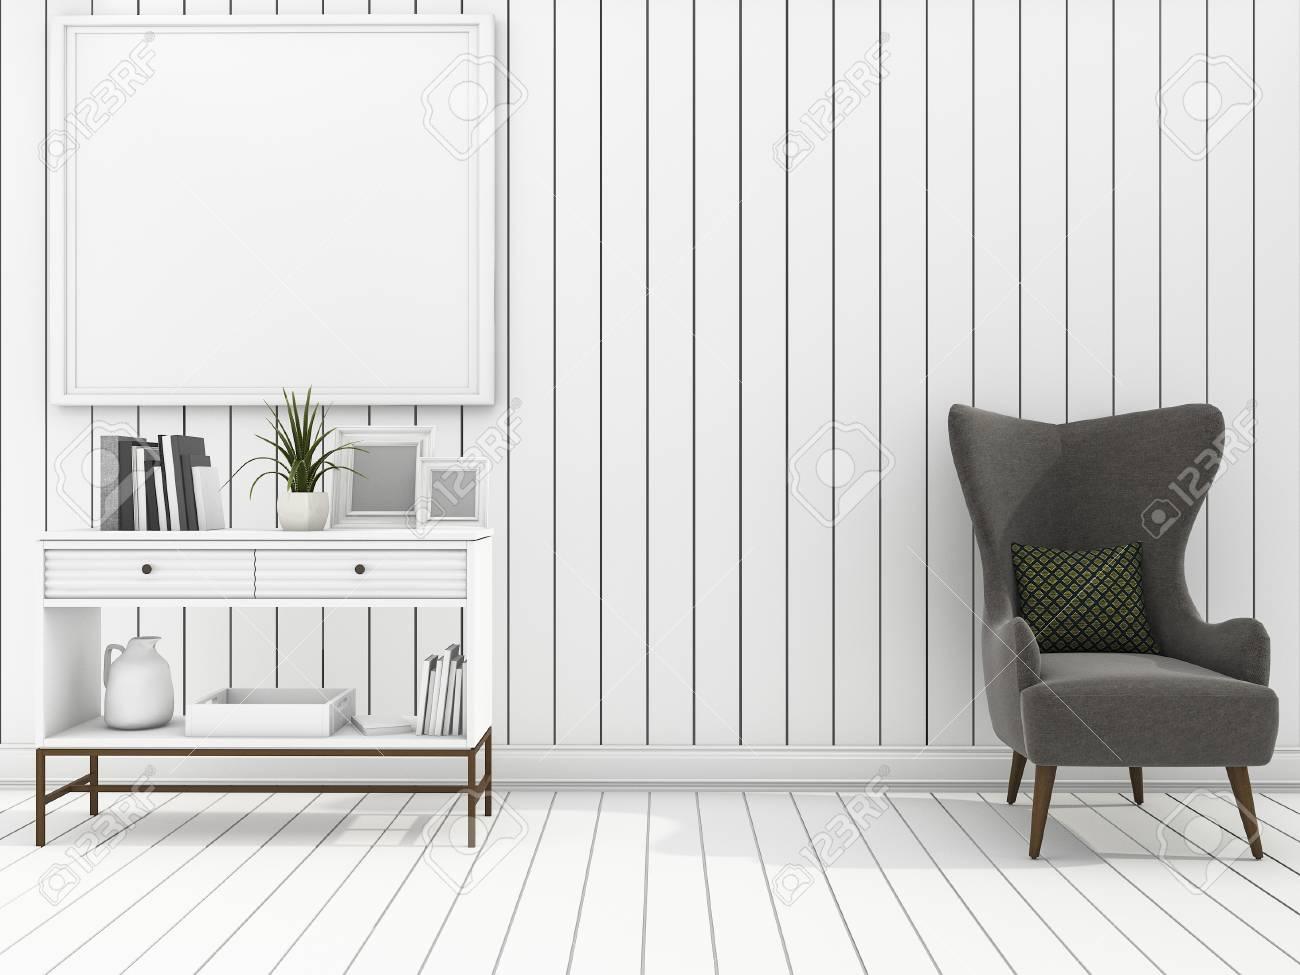 Wohnzimmer Der Weißen Wand Der Wiedergabe 3d Mit Sauberen Möbeln